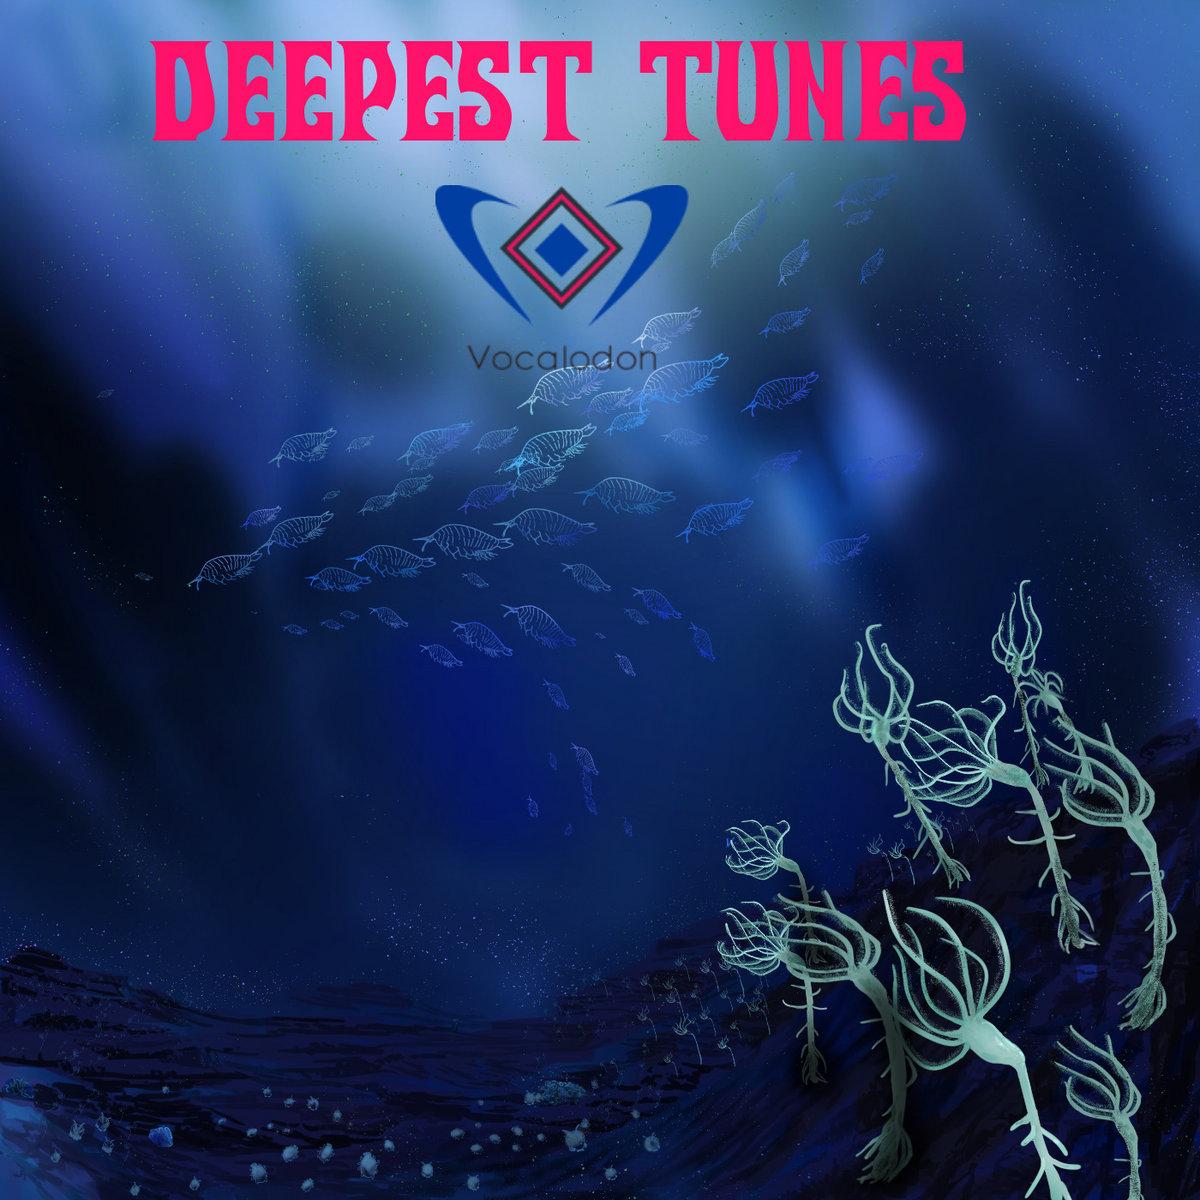 DEEPEST TUNES (album)